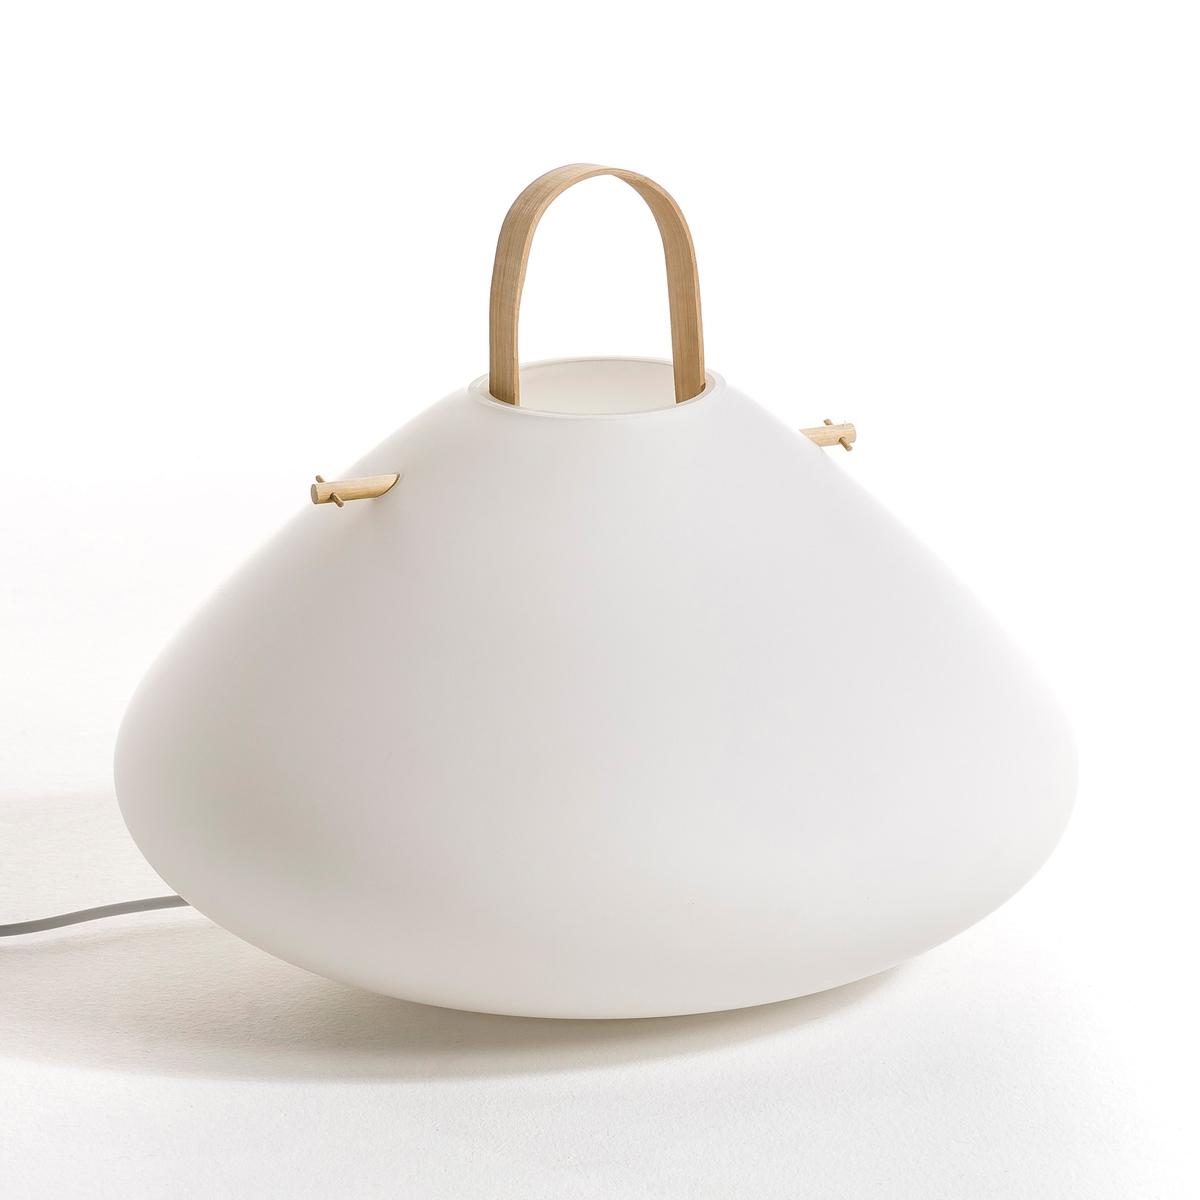 Лампа с подставкой ZelmaХарактеристики : - Из матового стекла. - Ручка из бамбука.- Патрон E27 для флюокомпактной лампочки макс.15W (не входит в комплект)-  Этот светильник совместим с лампочками    энергетического класса   A-B-C-D-E Размеры :- ? макс. 40 x Выс 35 см<br><br>Цвет: белый